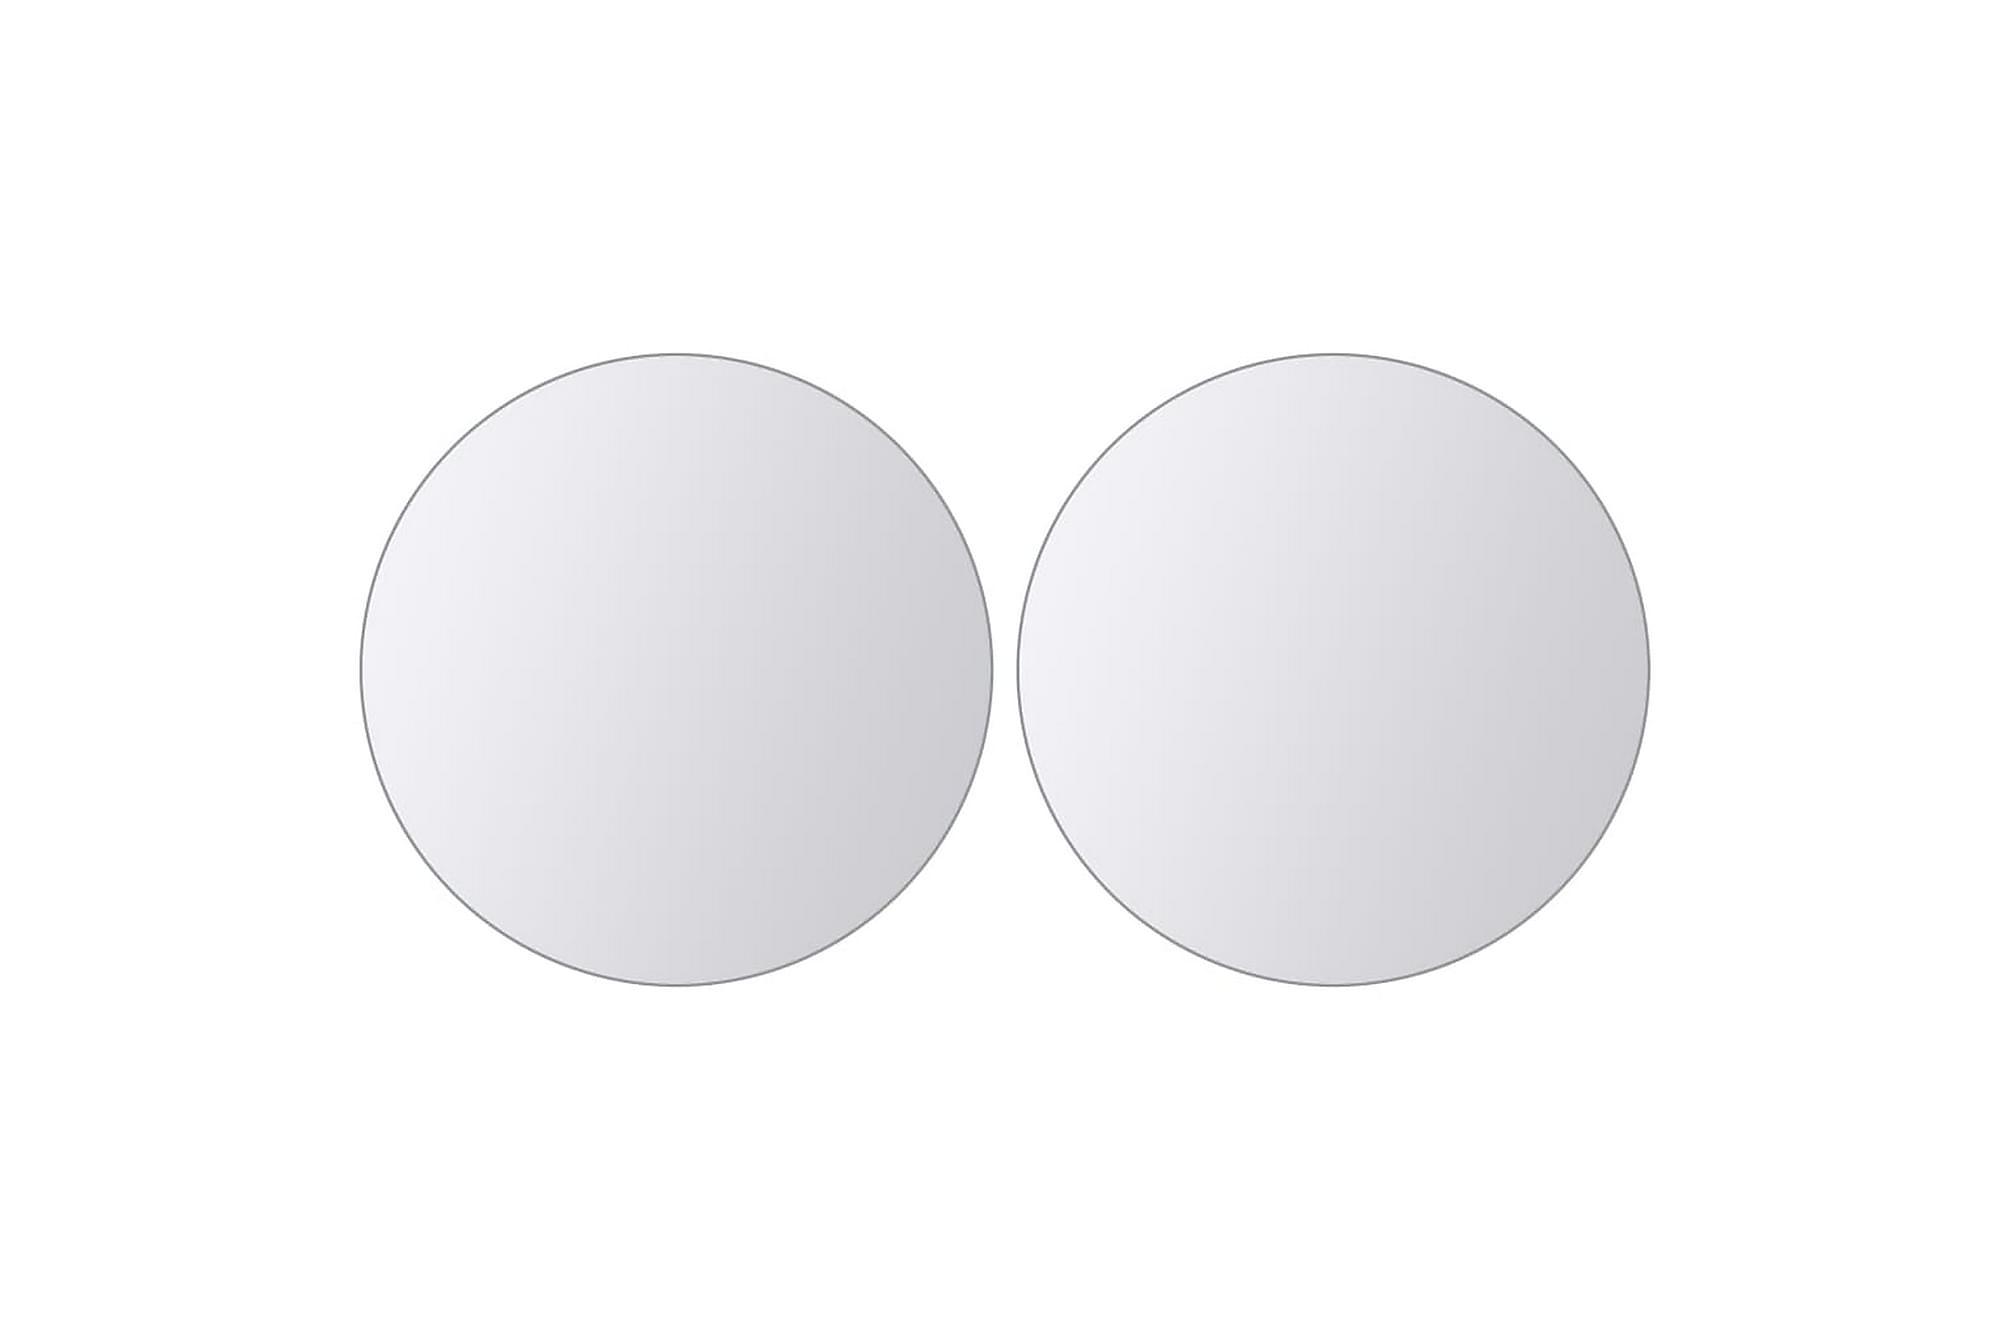 Spegelplattor 16 st runt glas